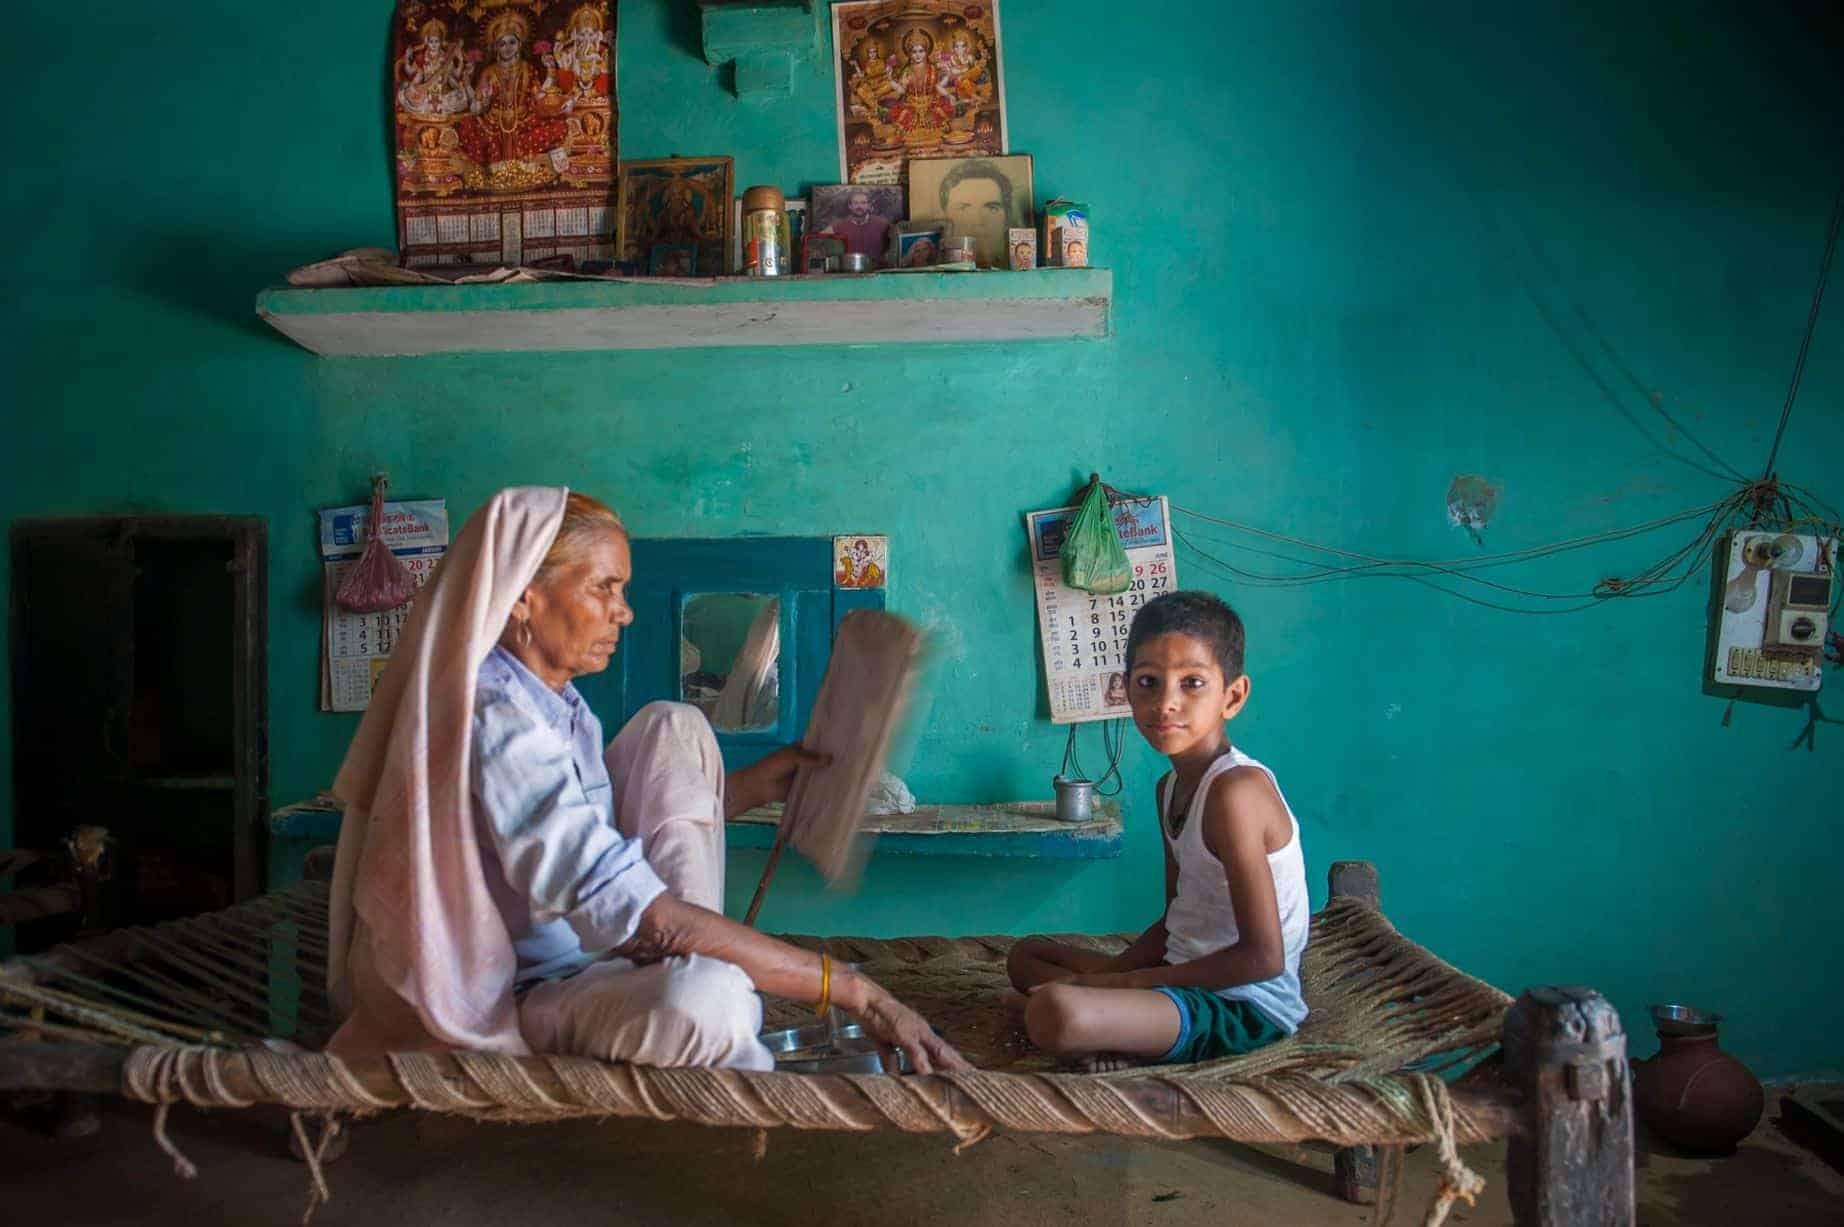 Omkari Singh com o filho, atualmente